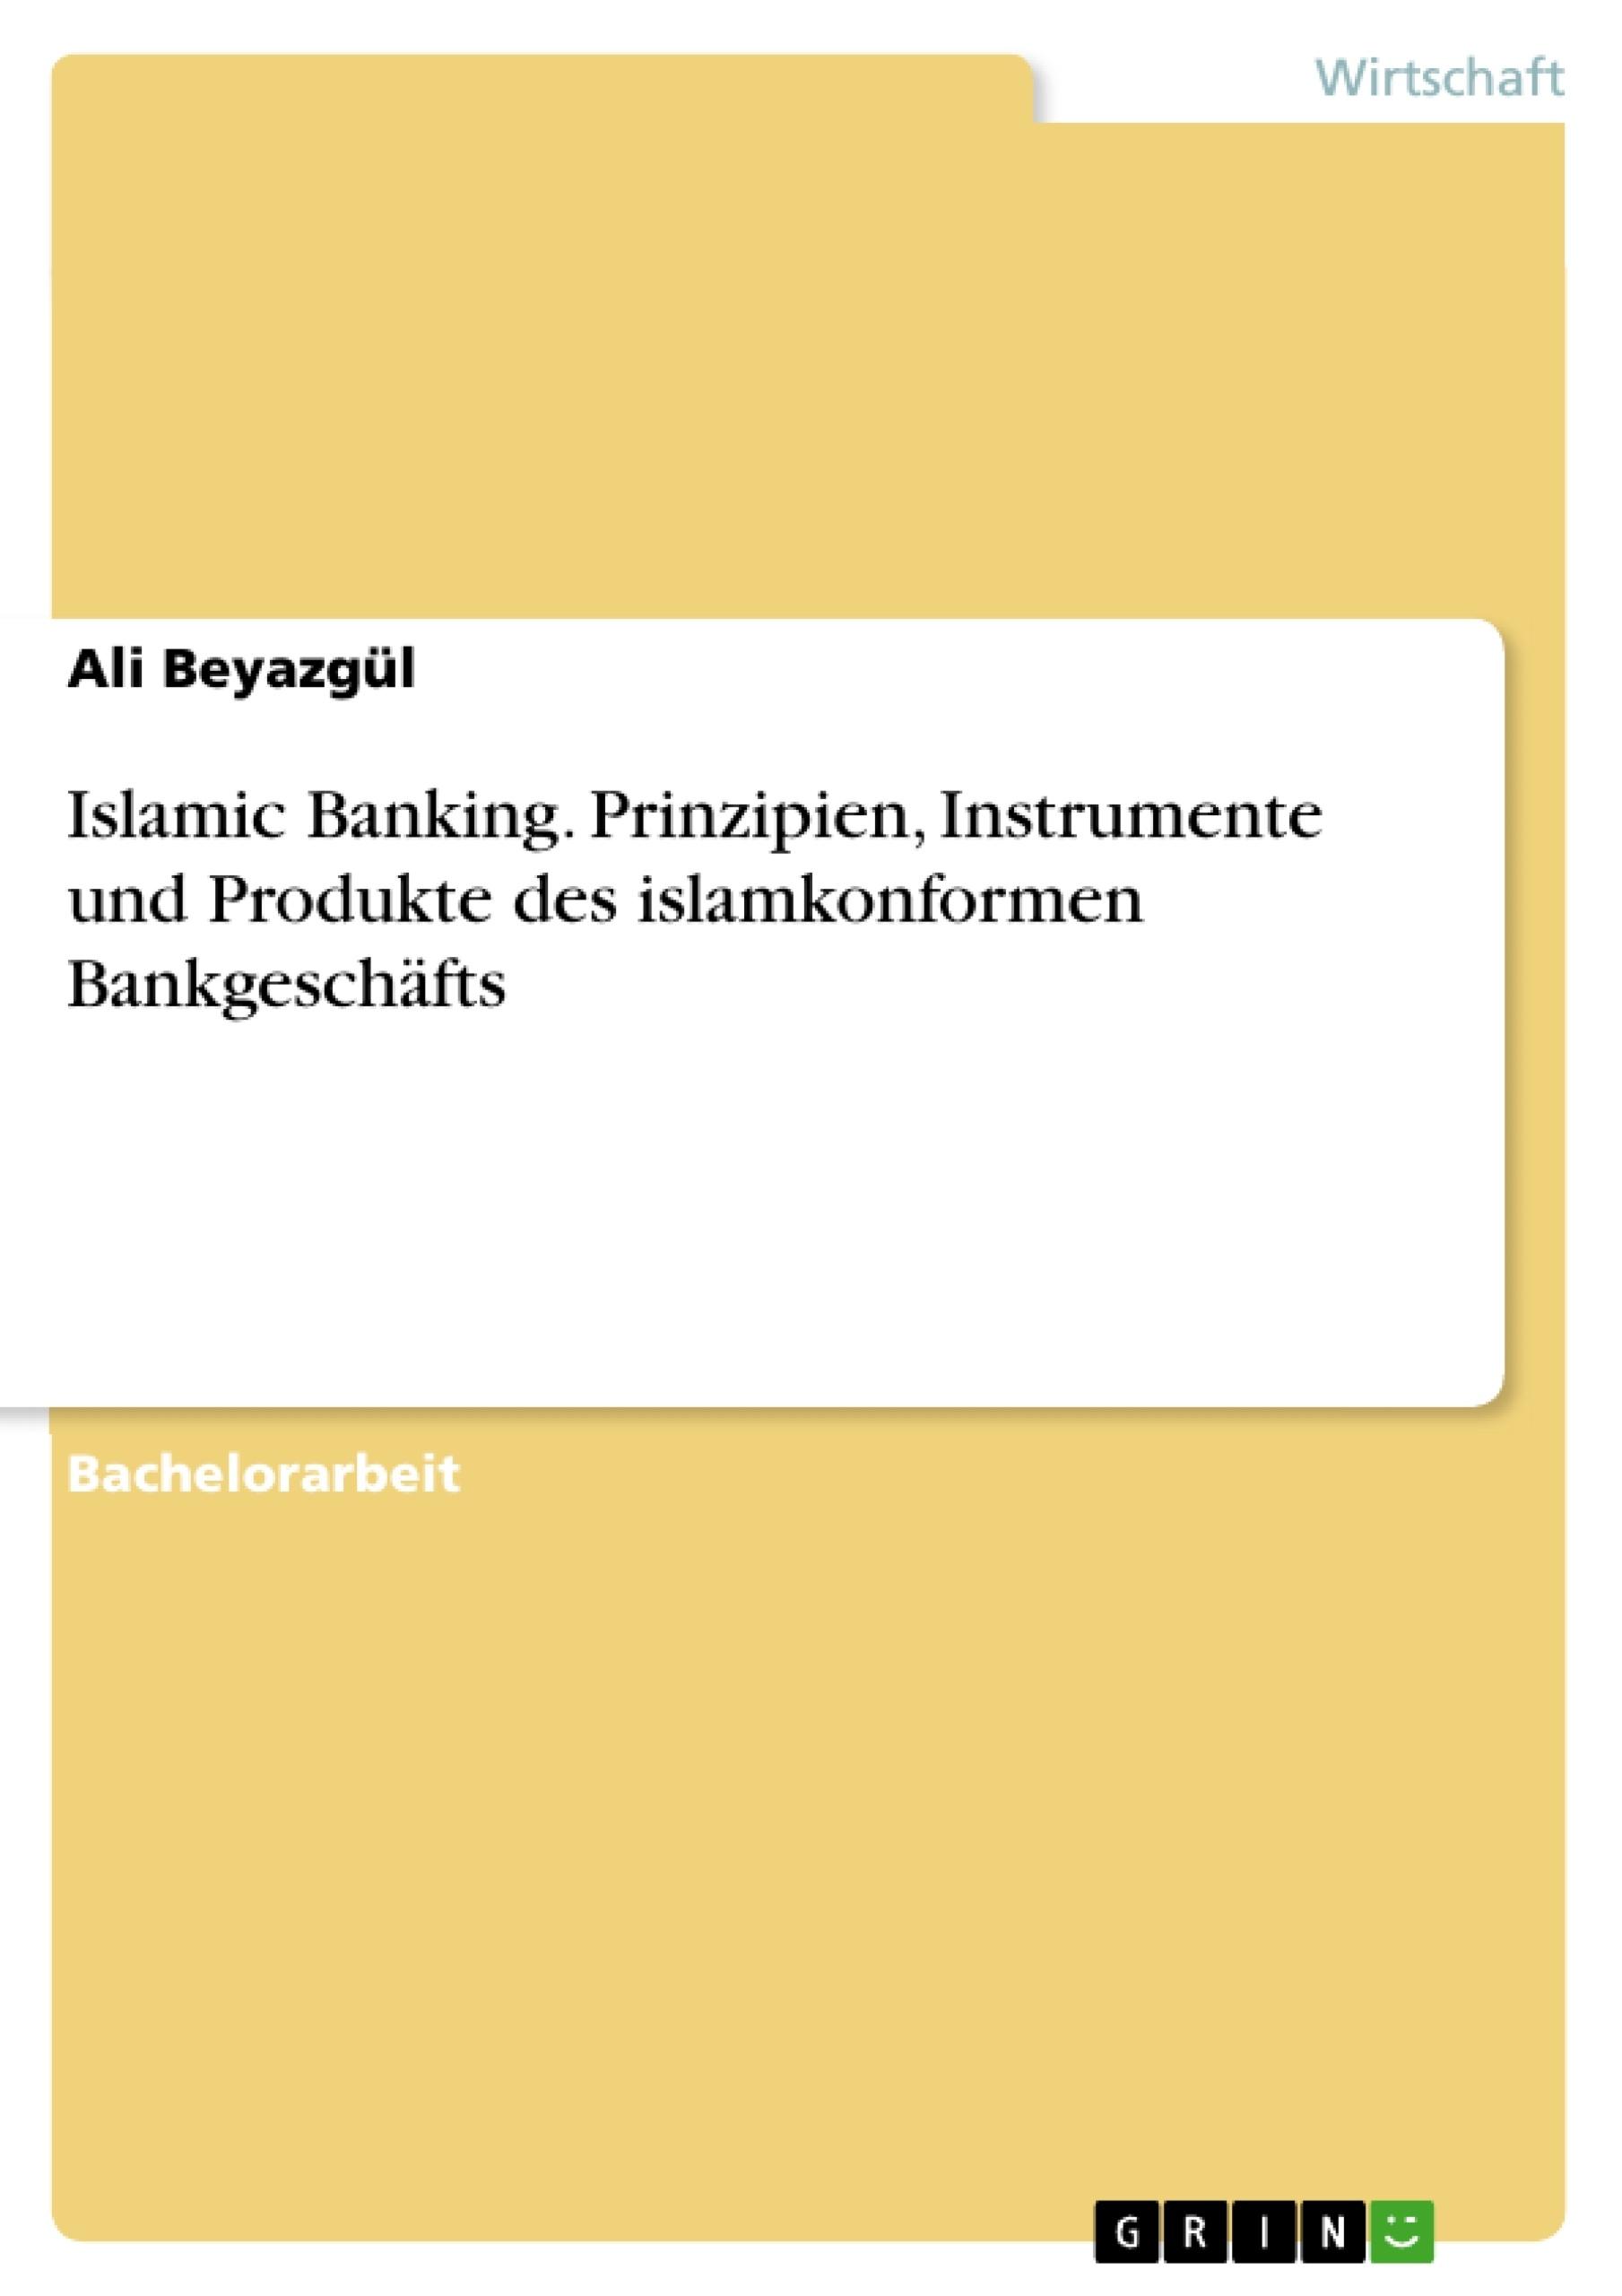 Titel: Islamic Banking. Prinzipien, Instrumente und Produkte des islamkonformen Bankgeschäfts